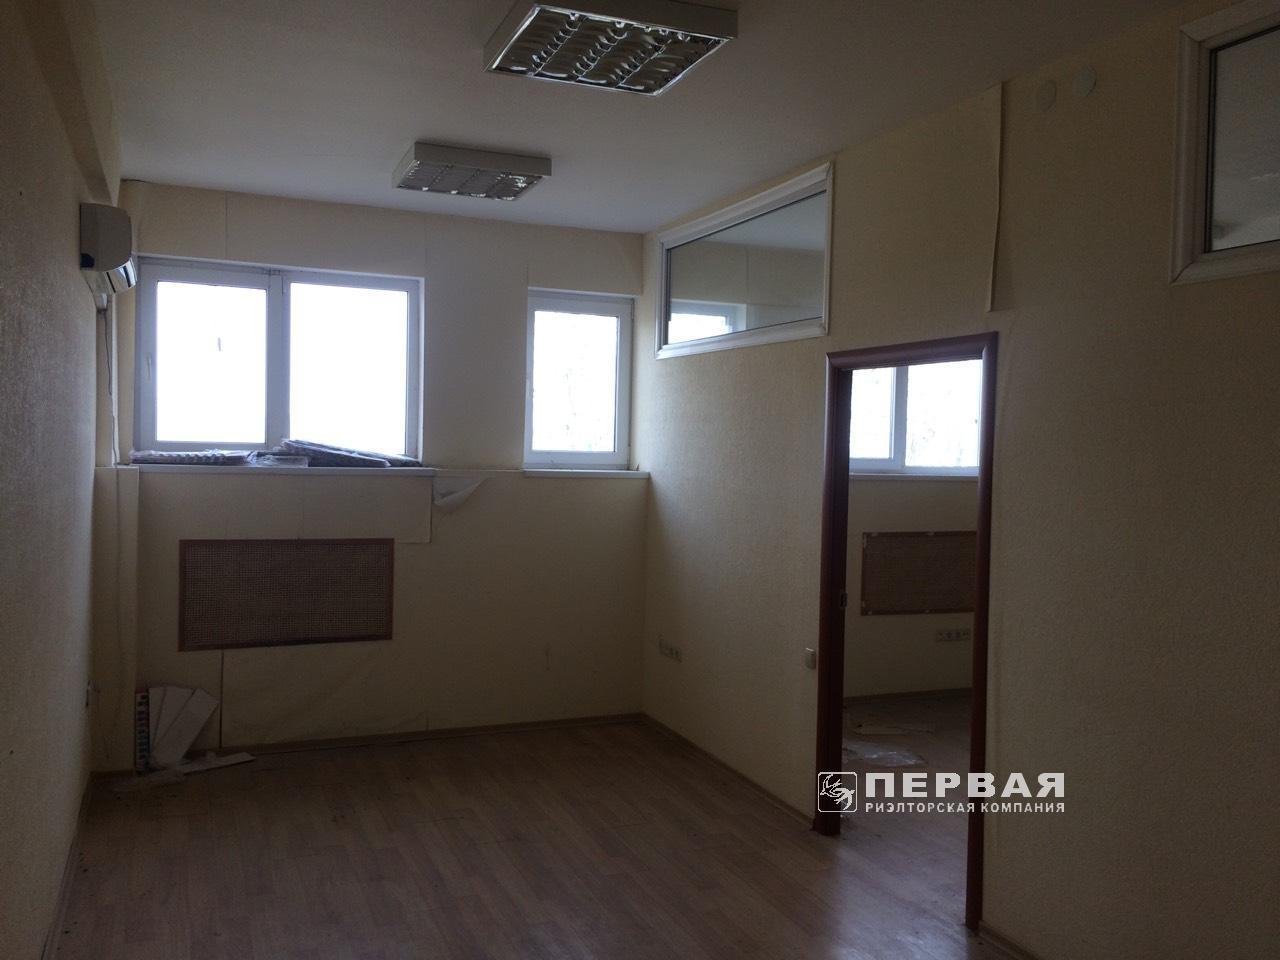 Помещение под офис или легкое производство. 60 кв.м.